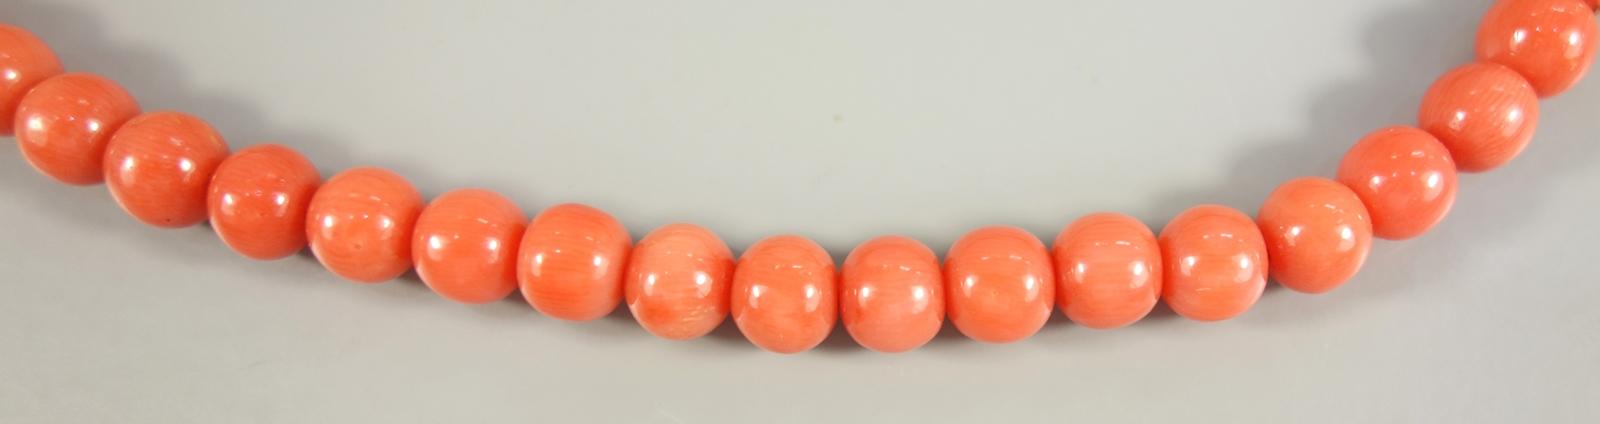 lachsfarbene Kugelkorallenkette, 1920er Jahre, Gew.41,89g, L.70cm, Kugel-D.ca.5mm, ca.121 Kugeln, - Bild 2 aus 2